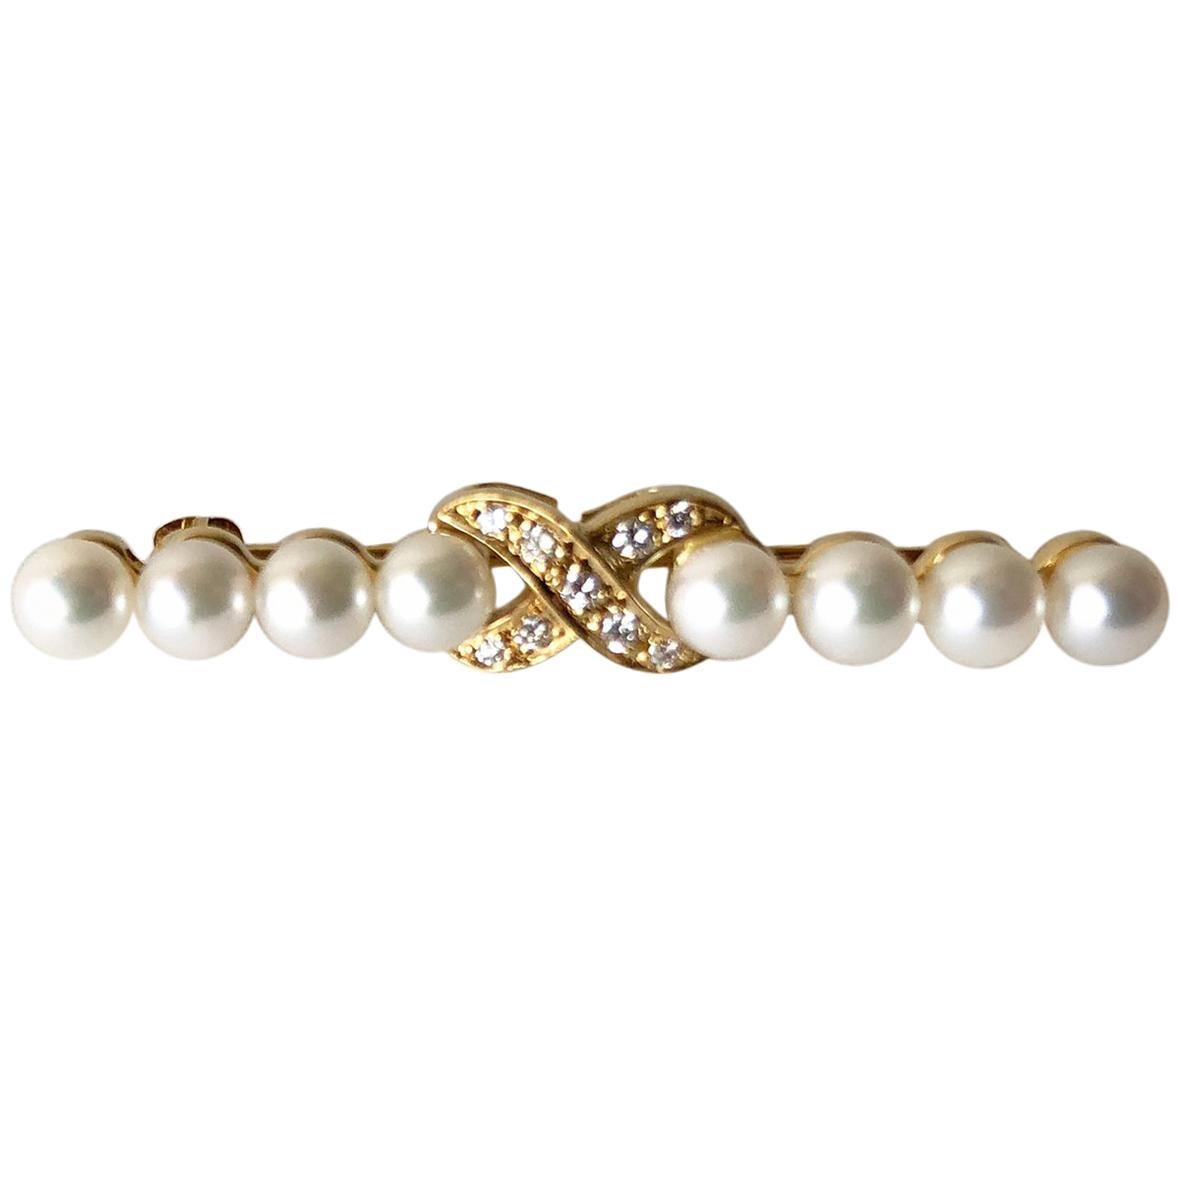 92661335da912 Tiffany & Co. 1837 Padlock Charm Bracelet